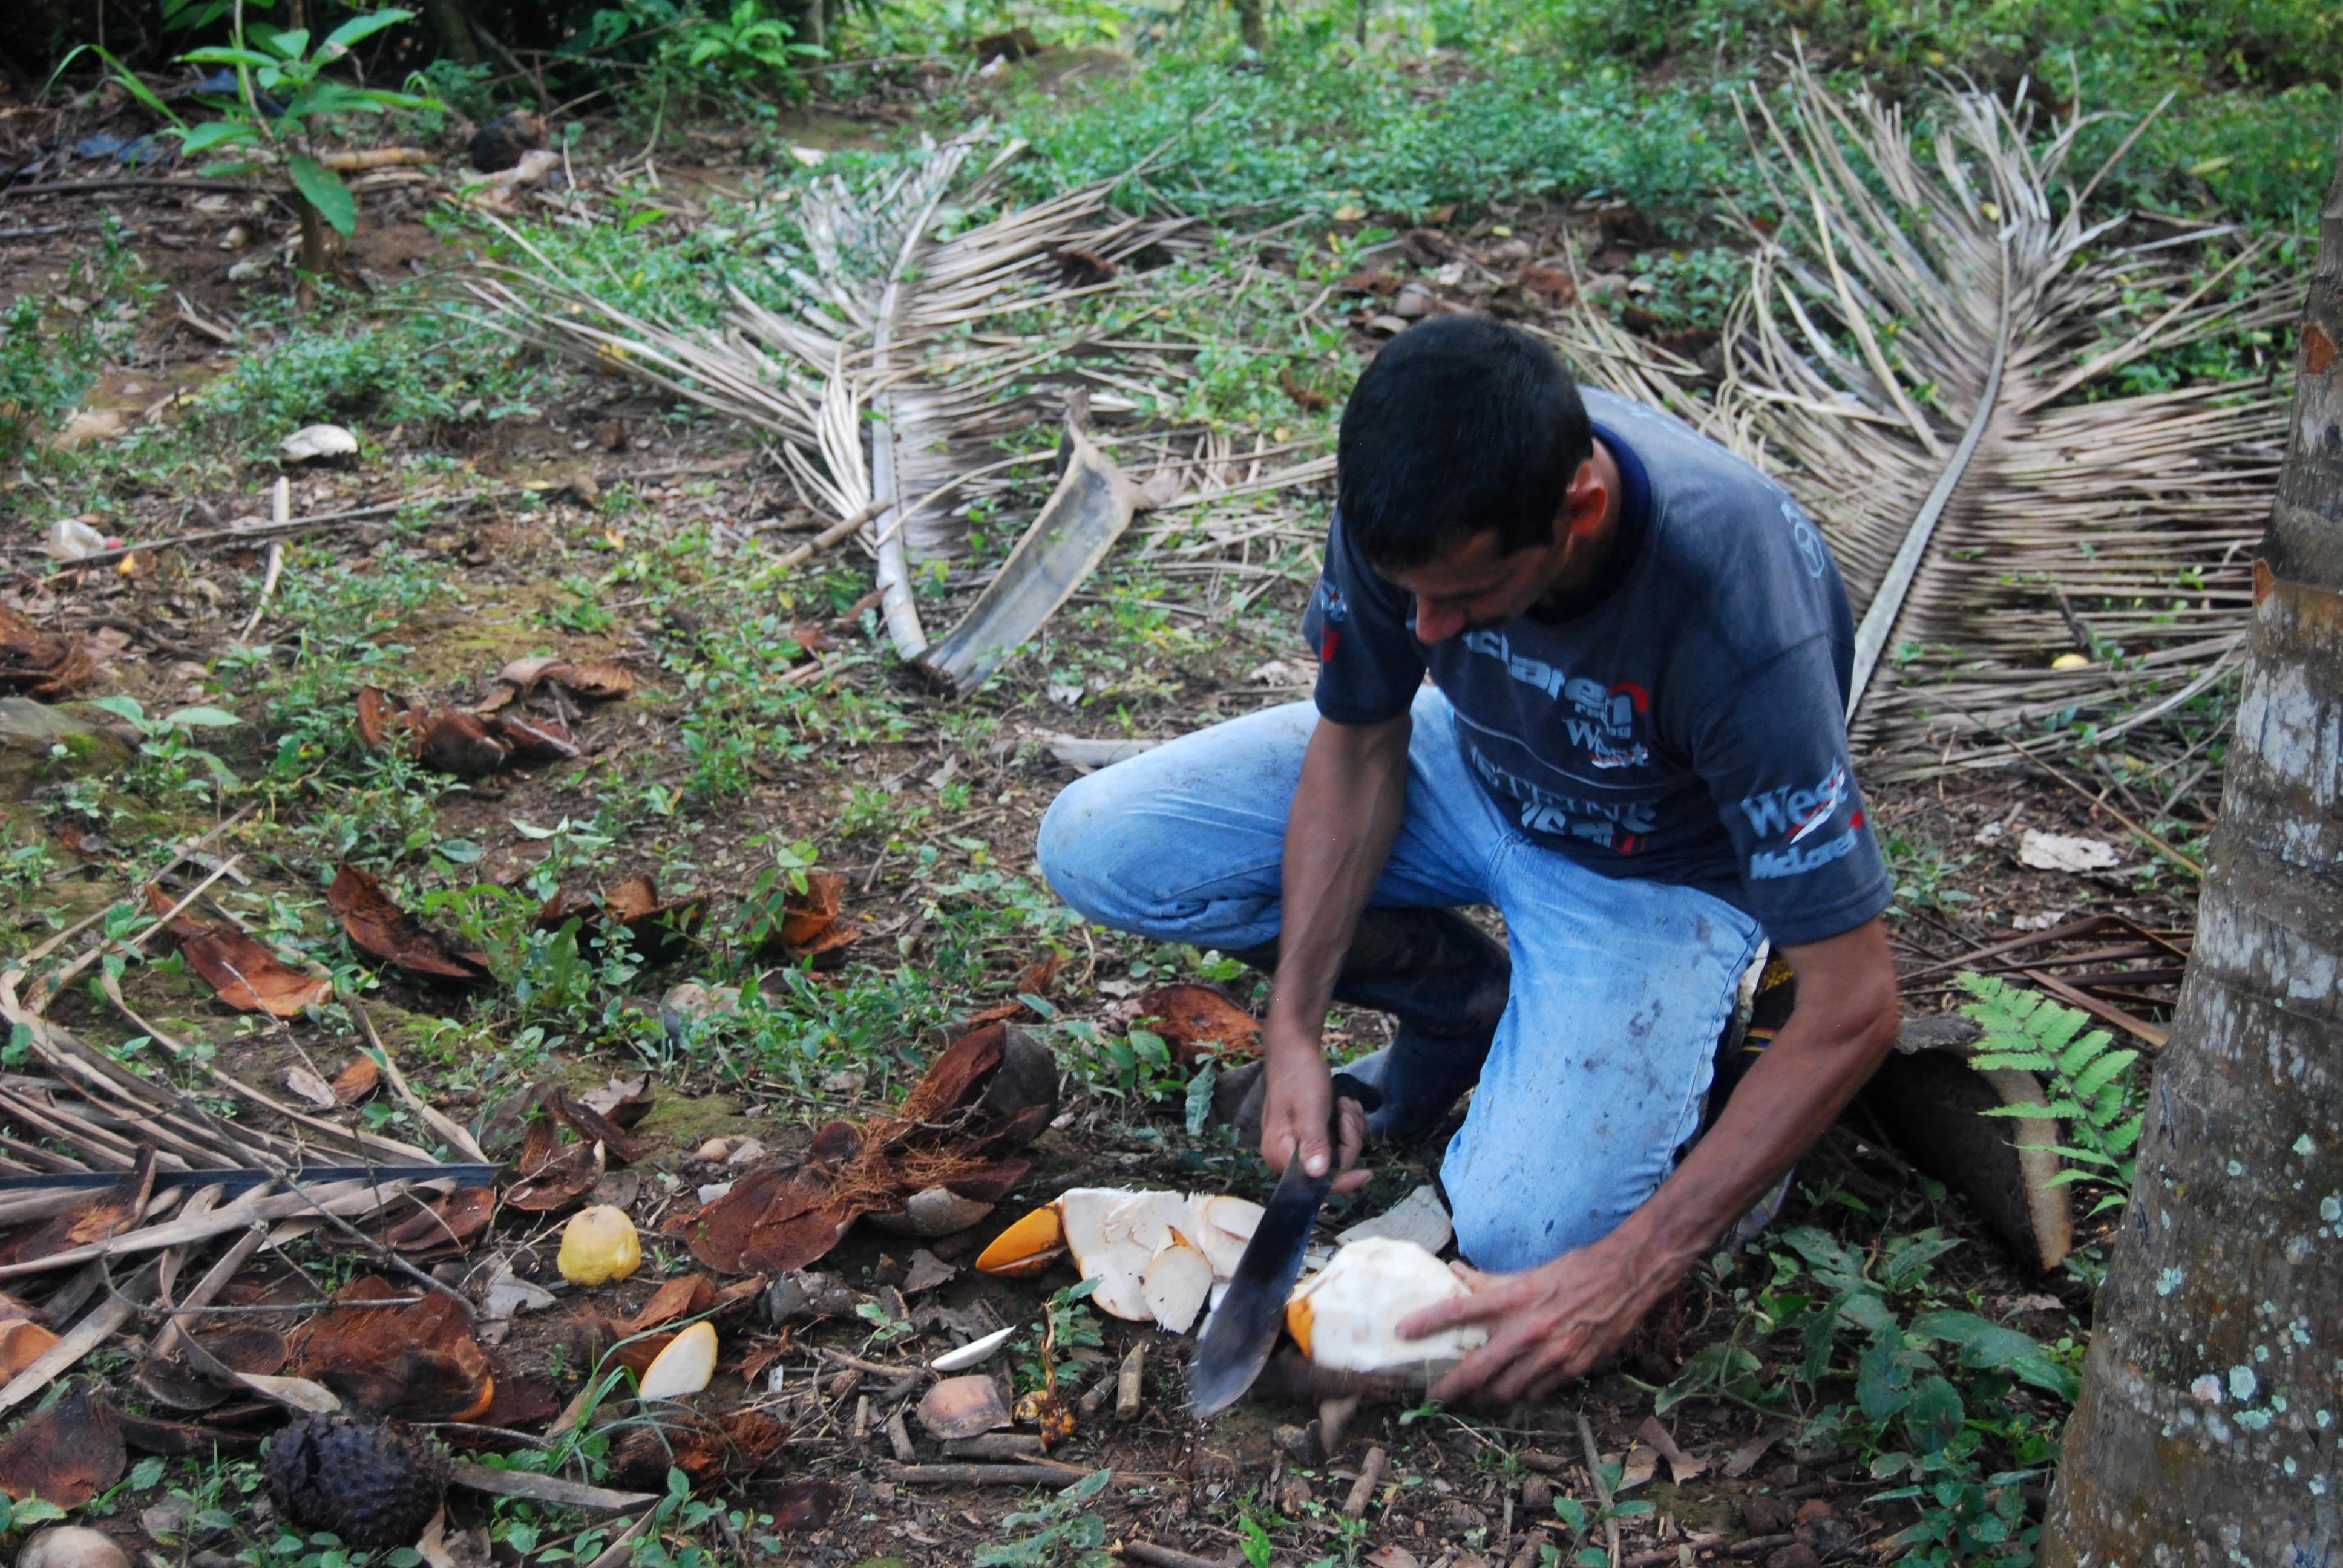 ¡Acción urgente! Comunidades agromineras del sur de Bolívar en grave peligro